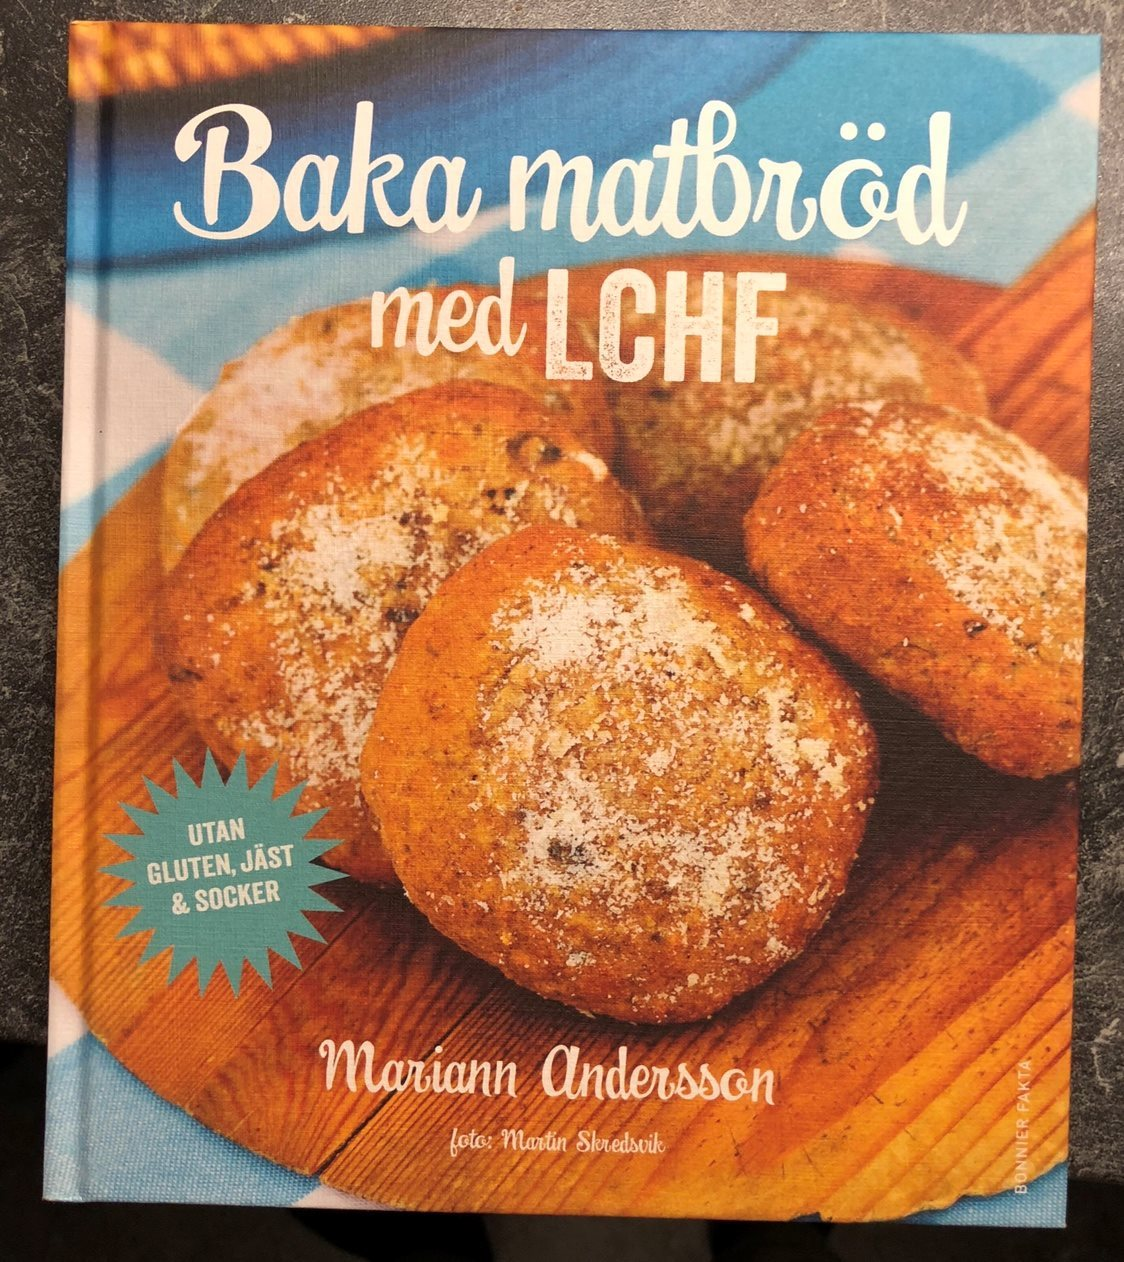 baka matbröd med lchf